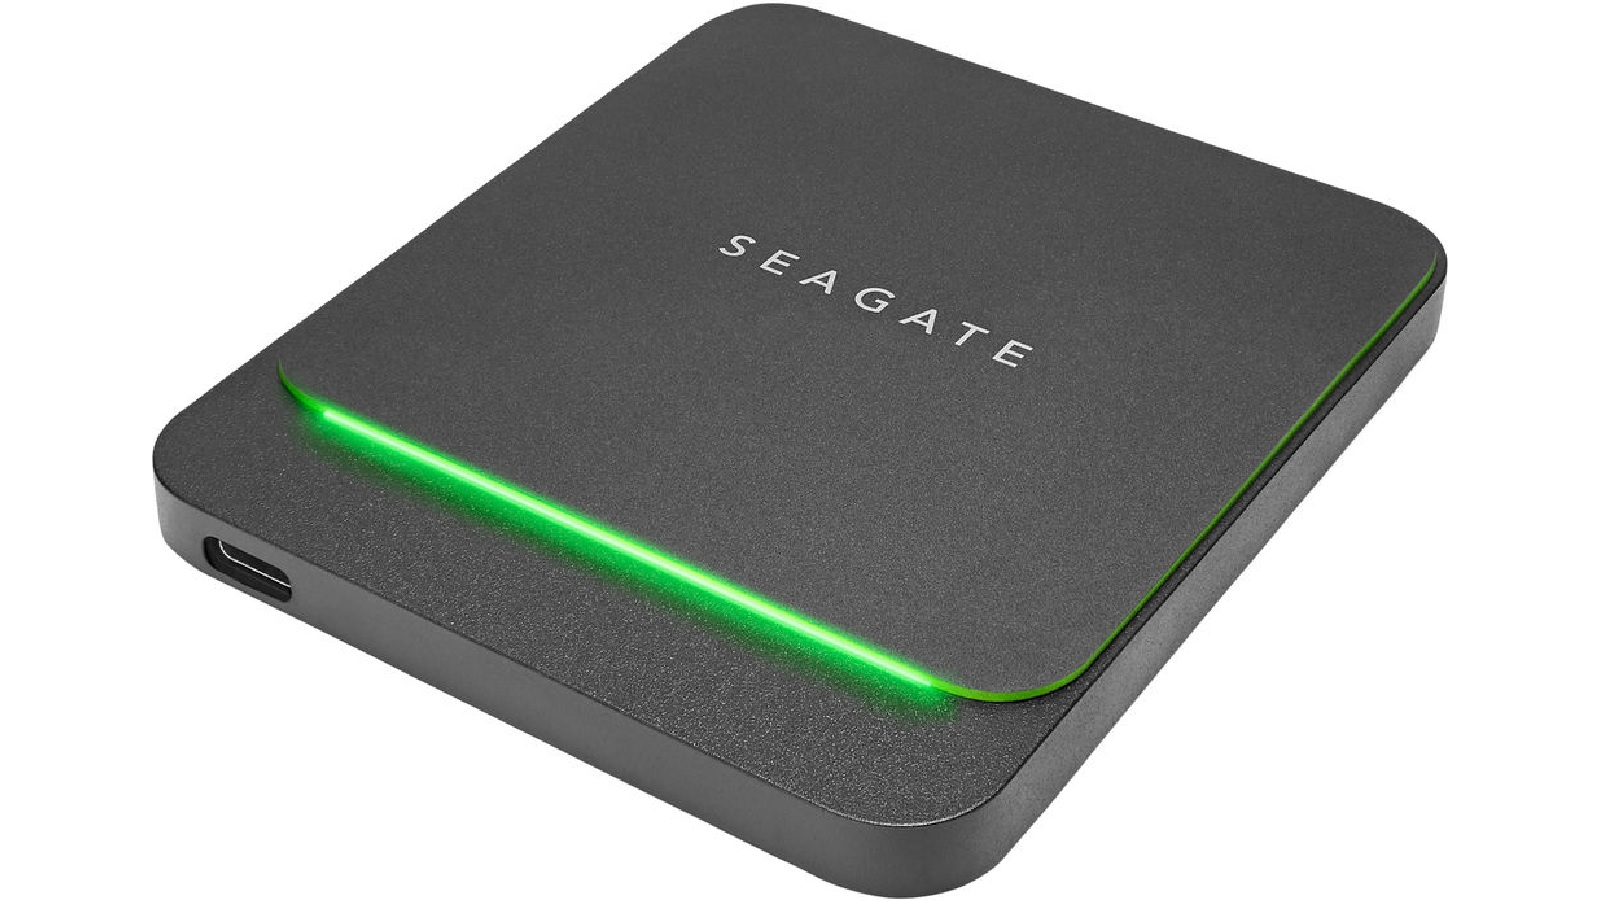 Seagate Fast SSD